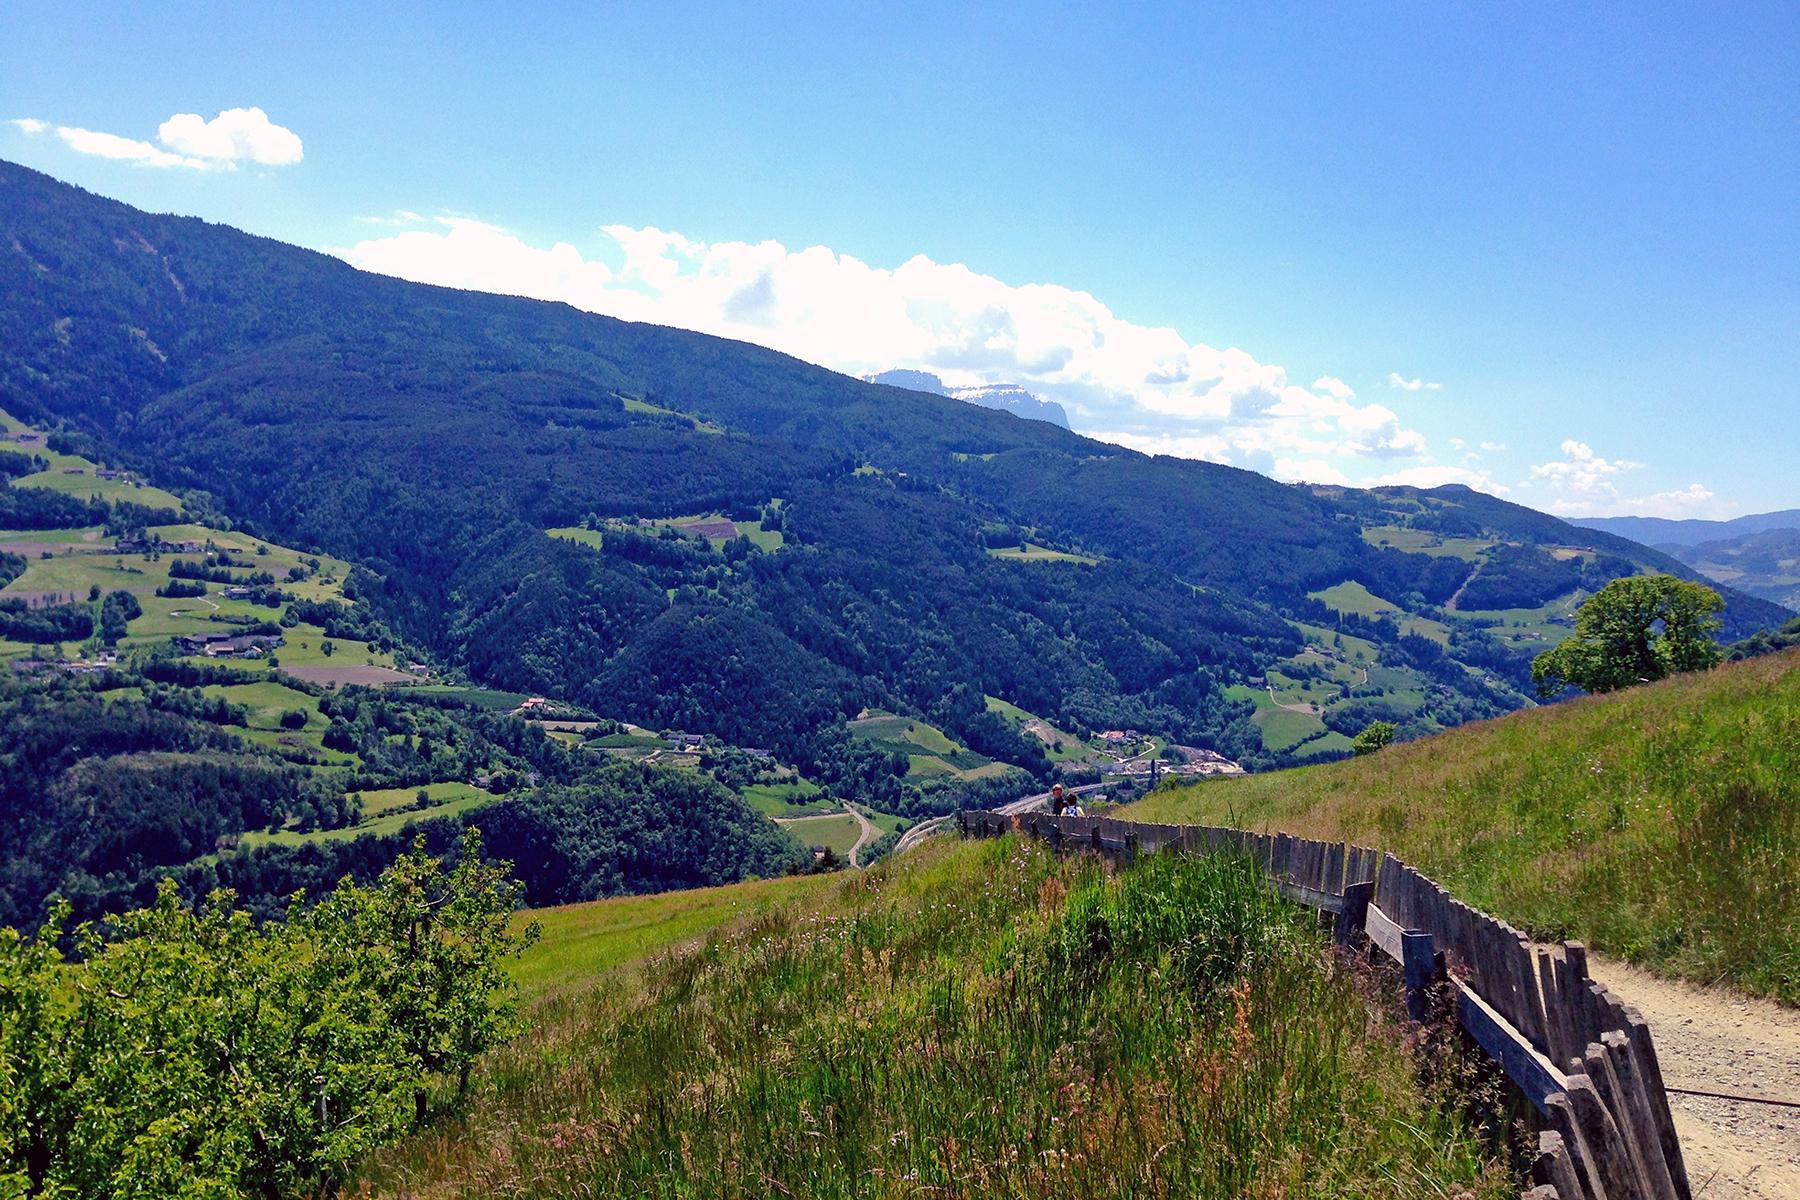 Törggelen in Südtirol: Kastanien, Kultur und Kulinarik - 5 Tipps für den Keschtnweg